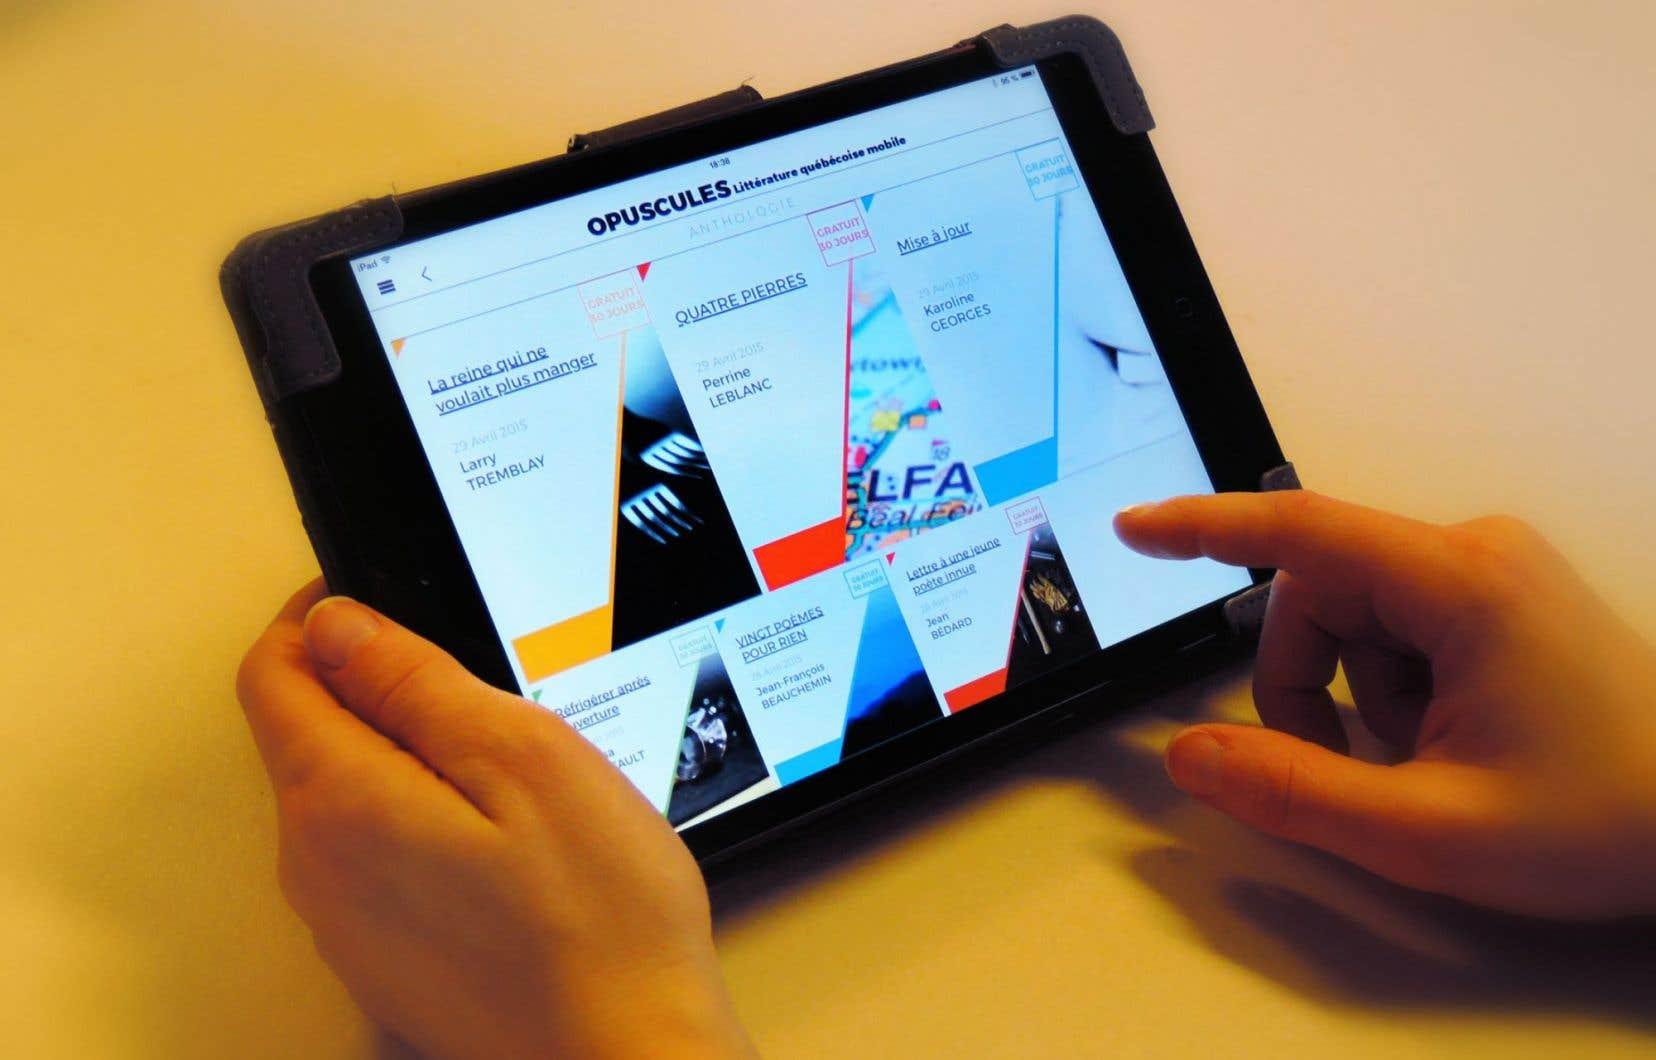 Opuscules veut simplement promouvoir la littérature québécoise en amenant le texte littéraire en format mobile.